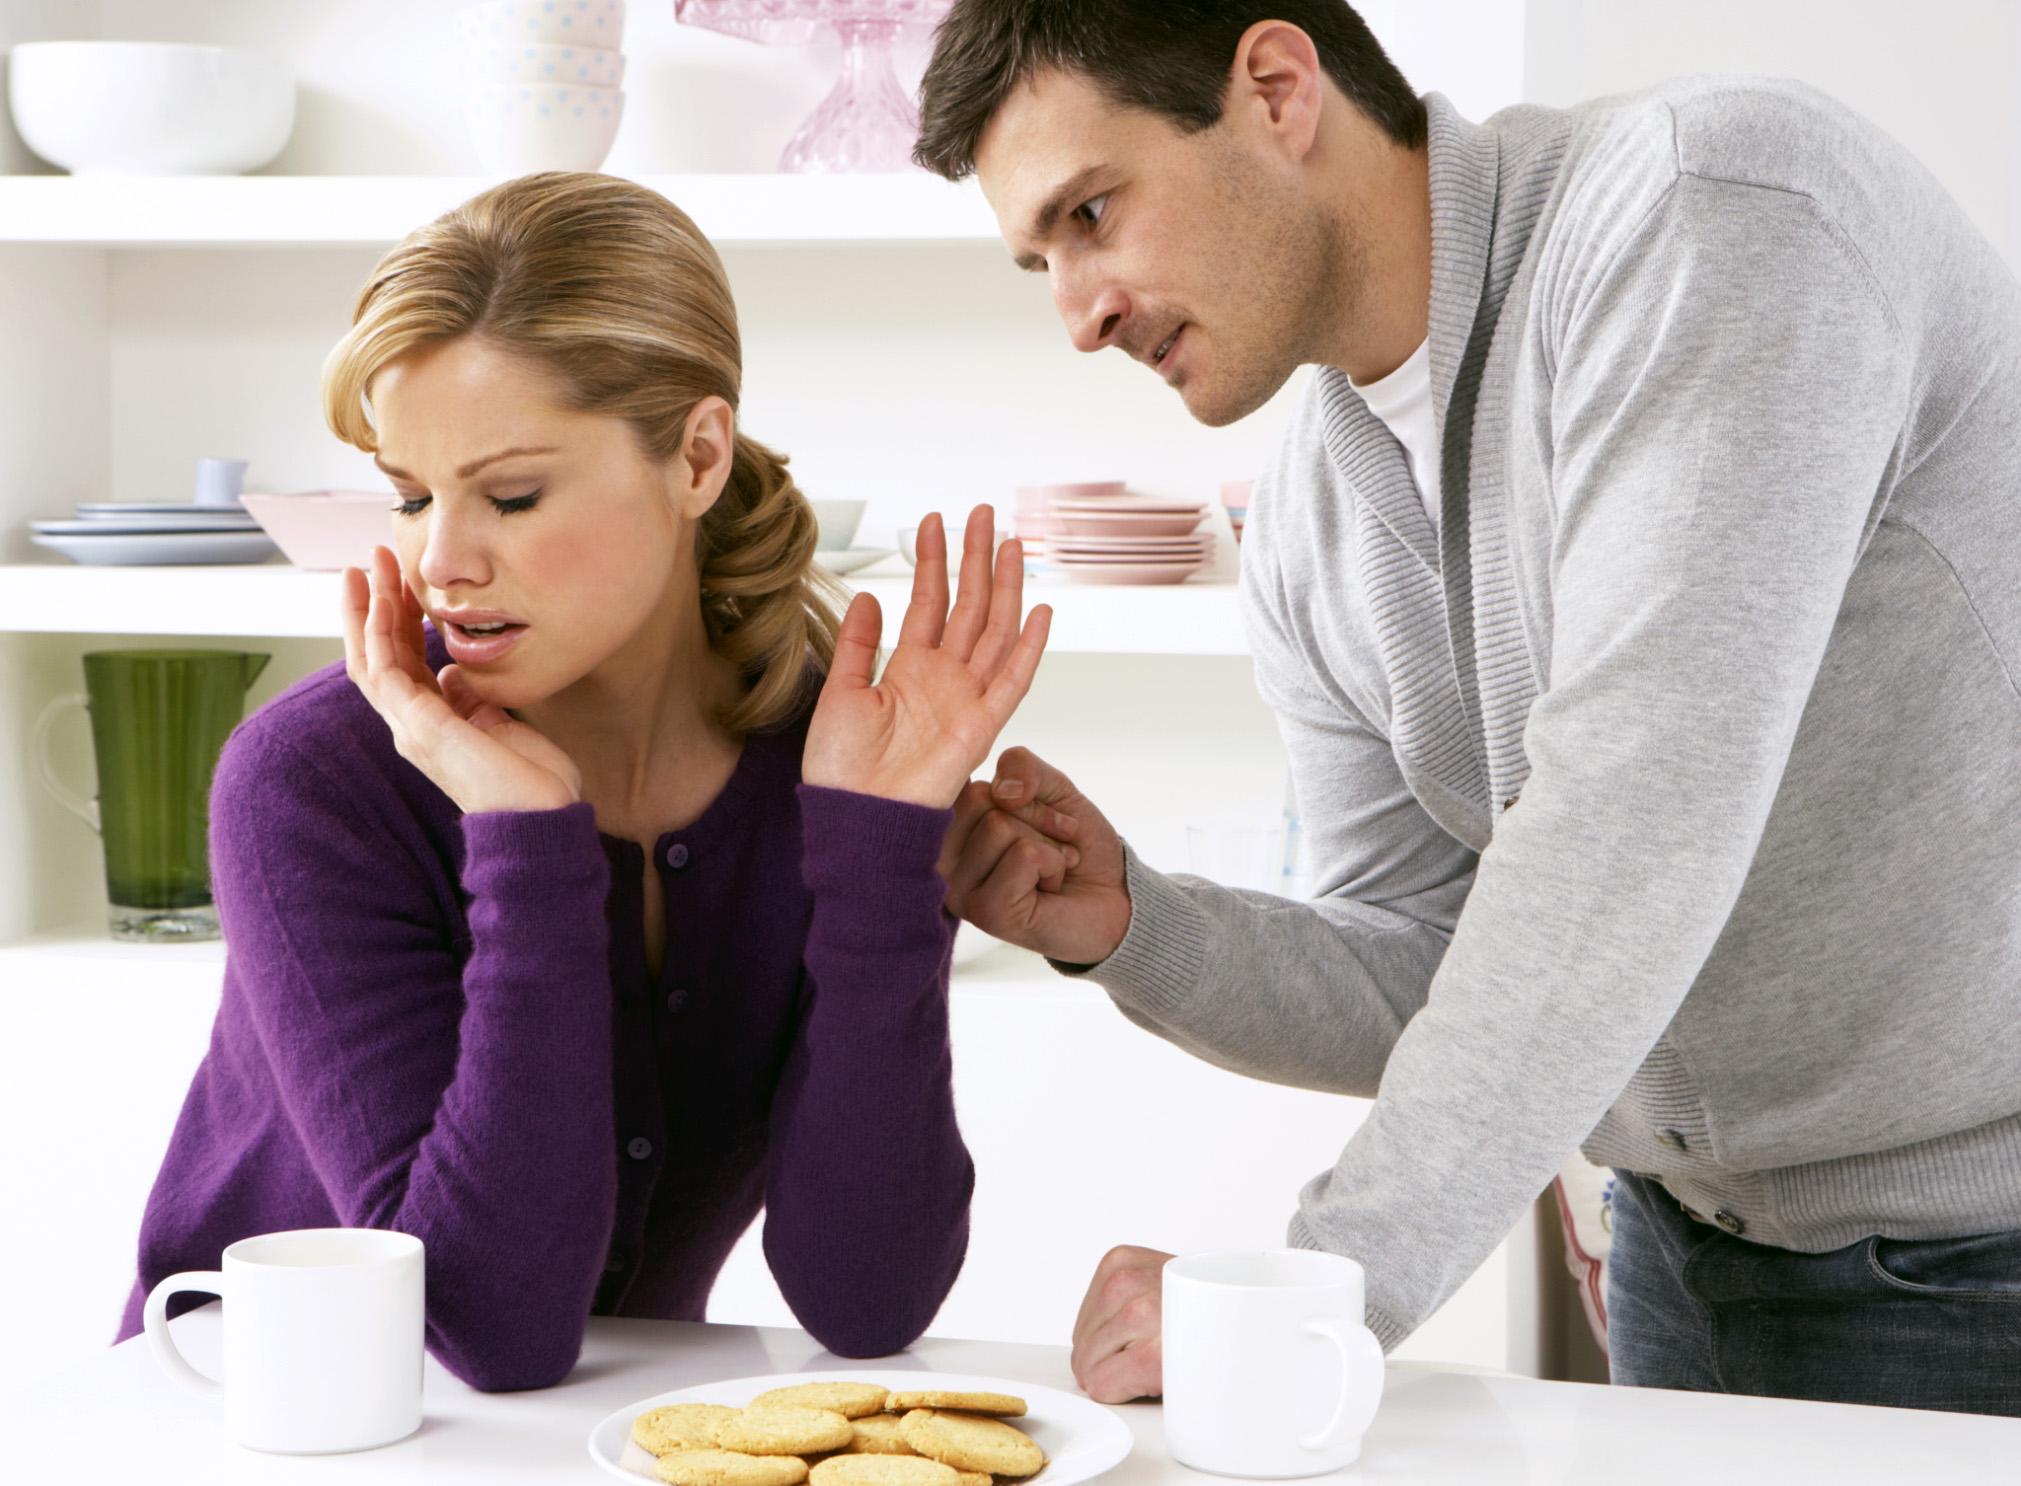 Megbirkózni egy elvált férfival